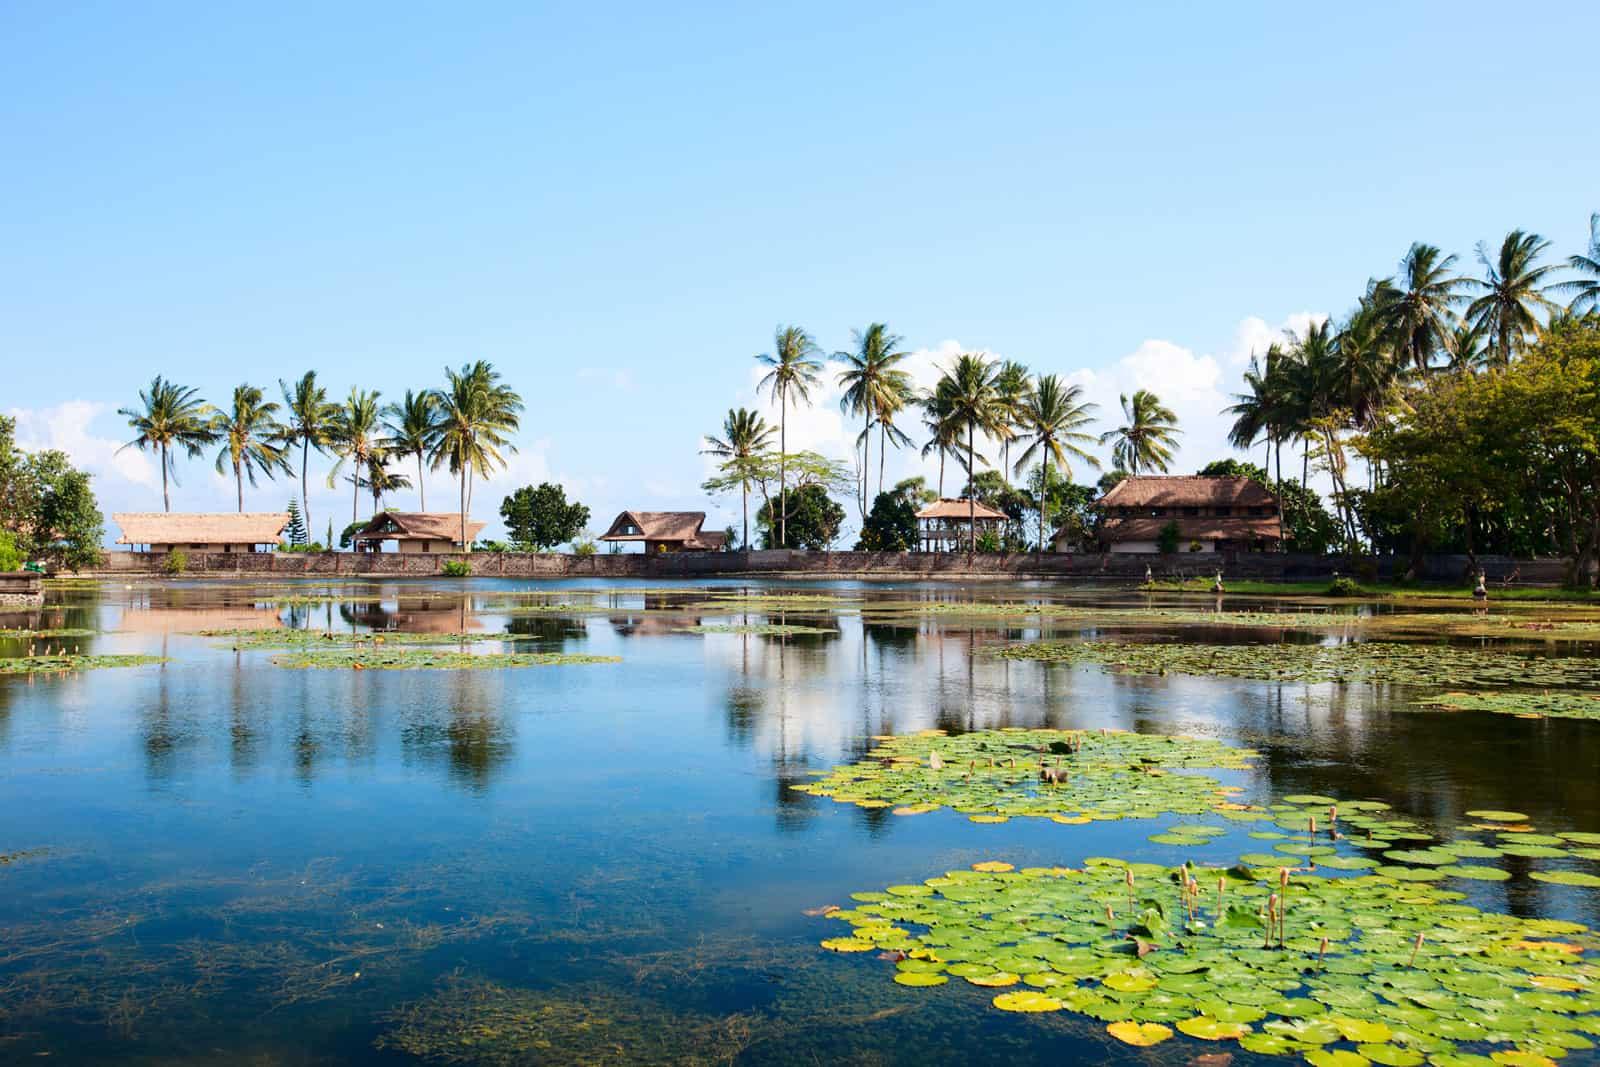 Lotus Lagoon in Candidasa, Bali, Indonesia